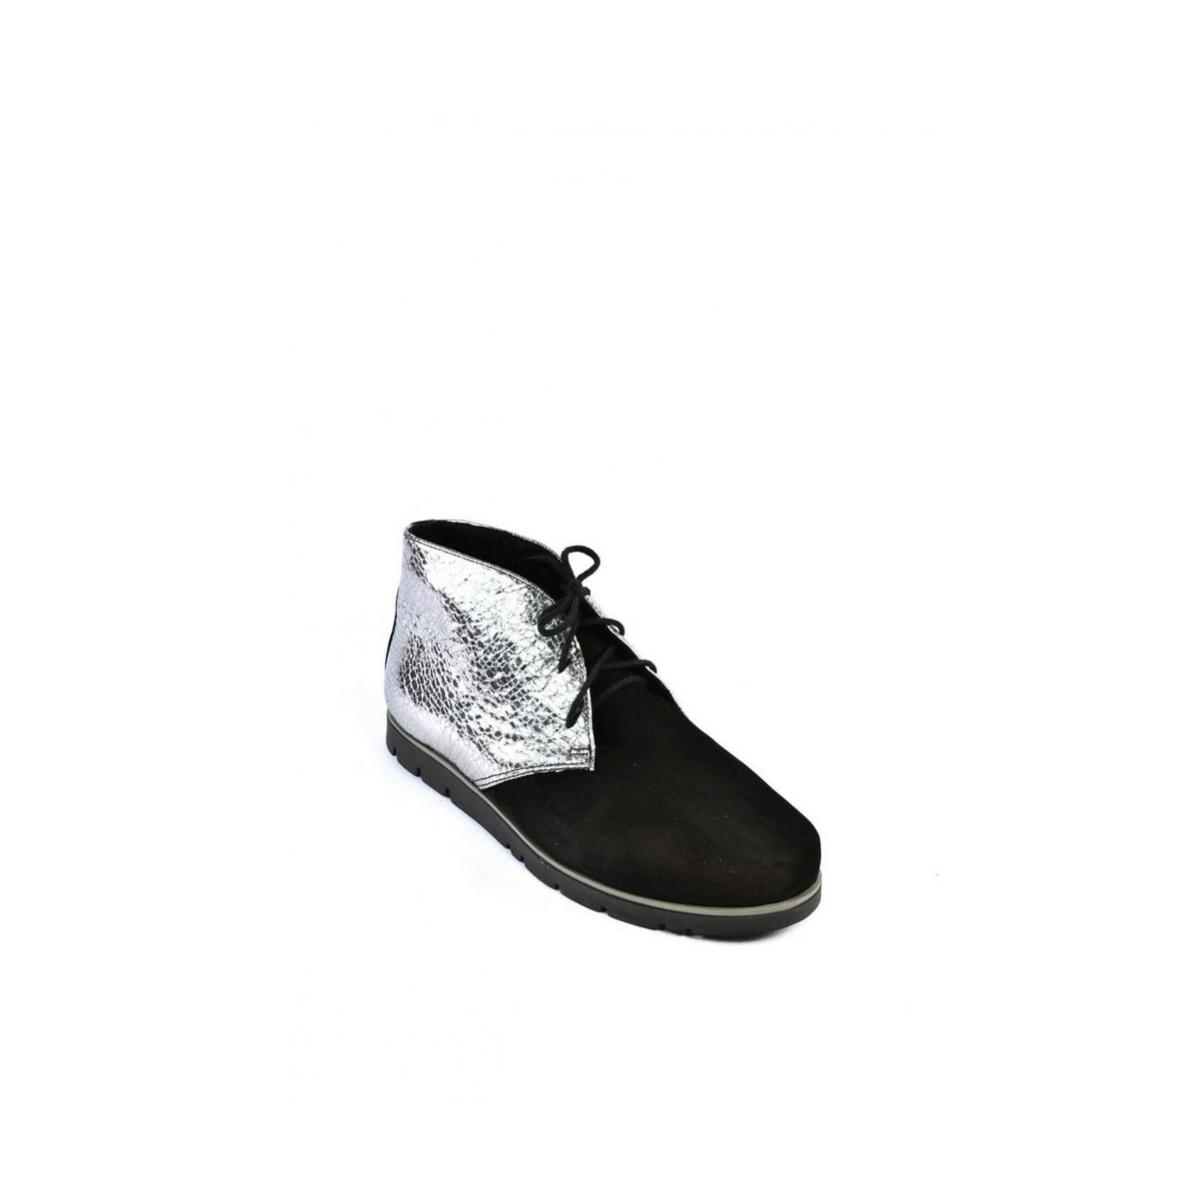 Dámske čierno-strieborné kožené topánky ZEFIR - 2 d73cd9d8fd5